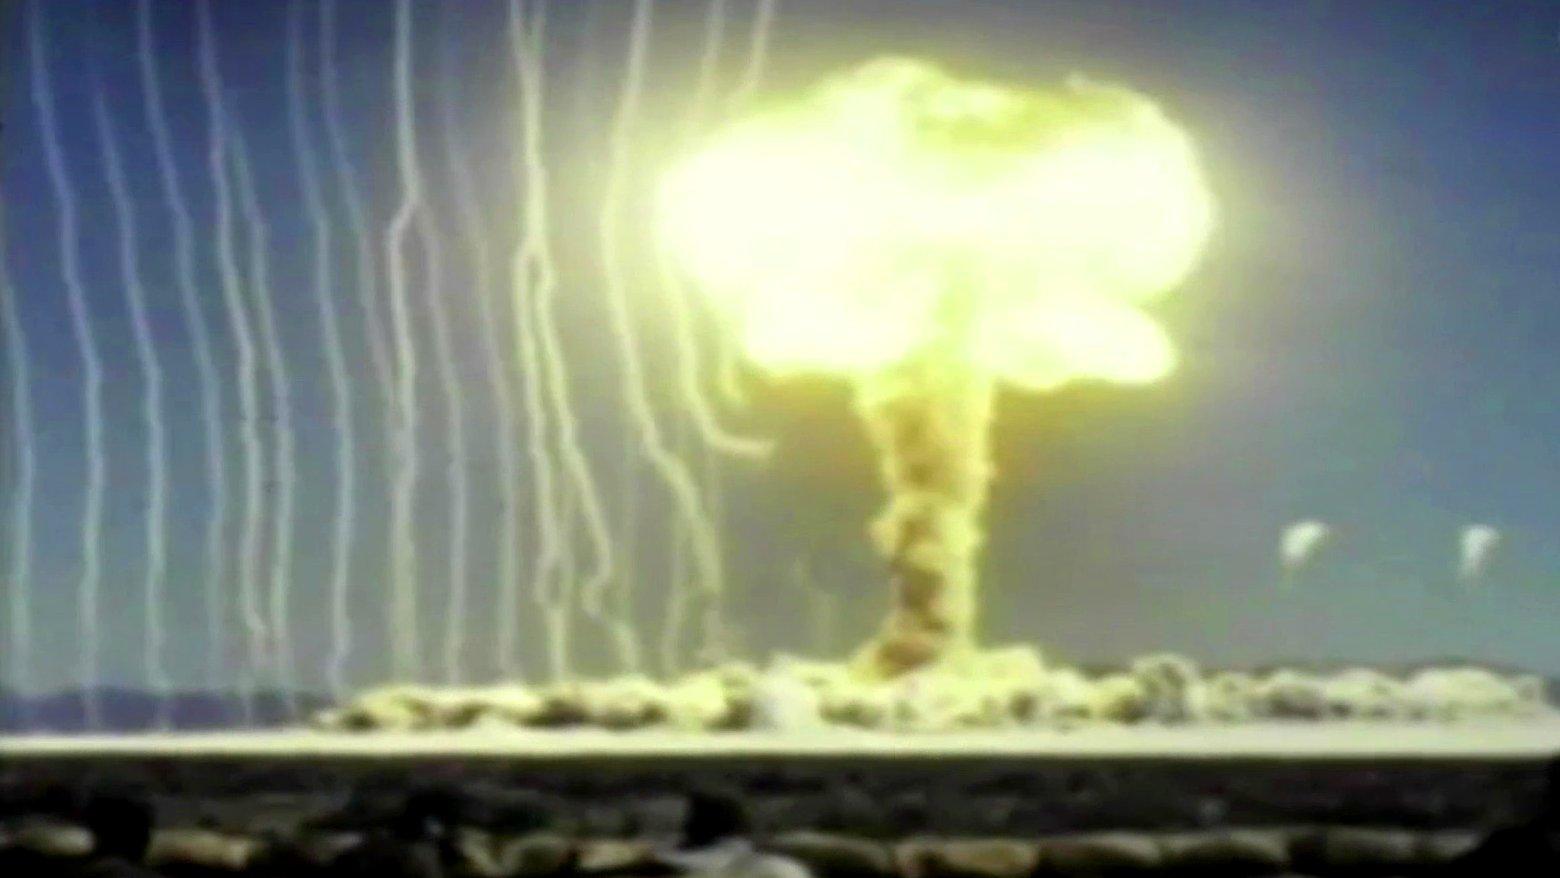 Das Geheimnis der Atombombenversuche USA